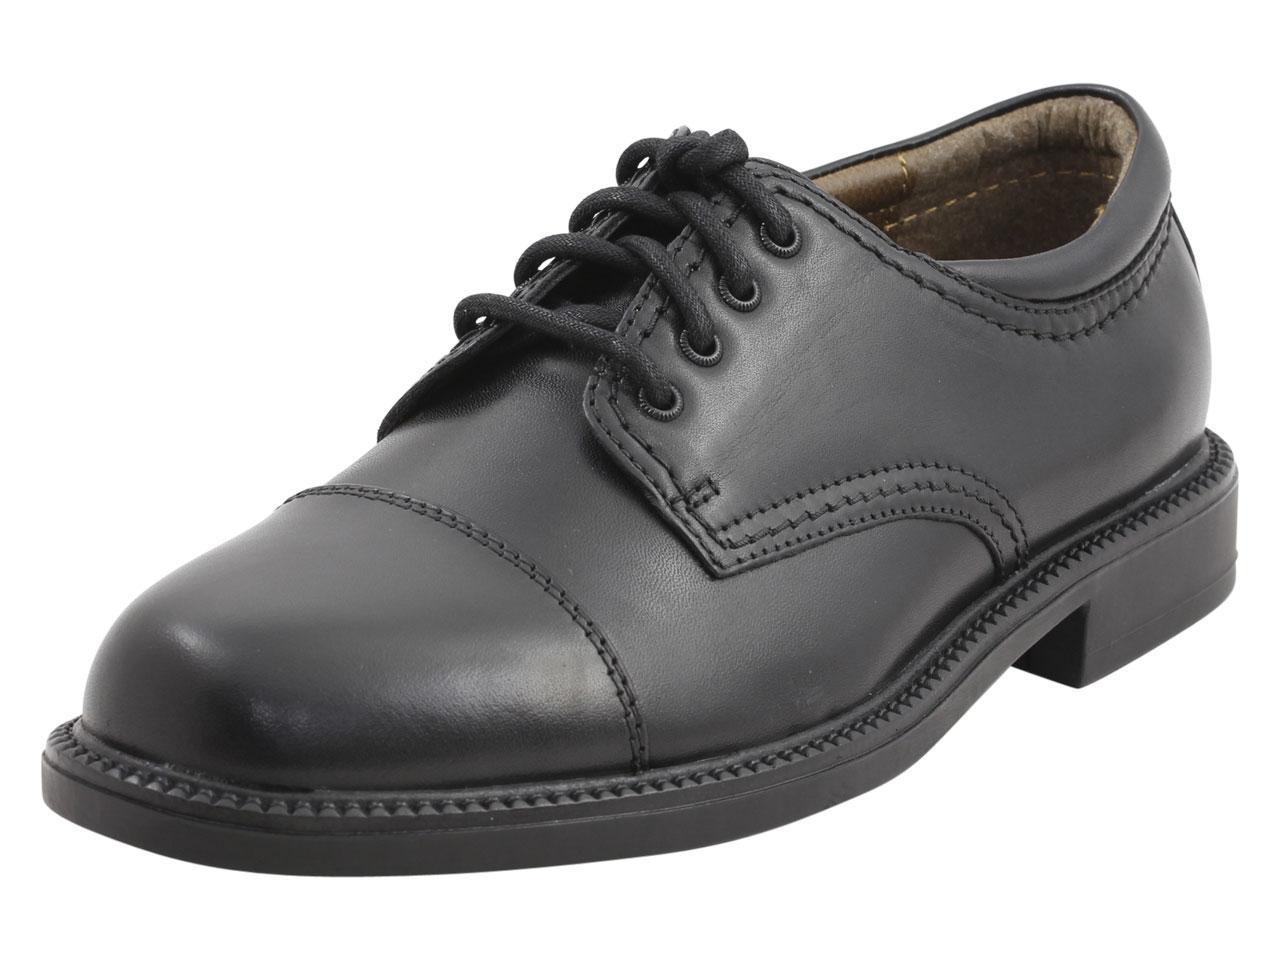 Image of Dockers Men's Gordon Cap Toe Oxfords Shoes - Black - 9.5 D(M) US